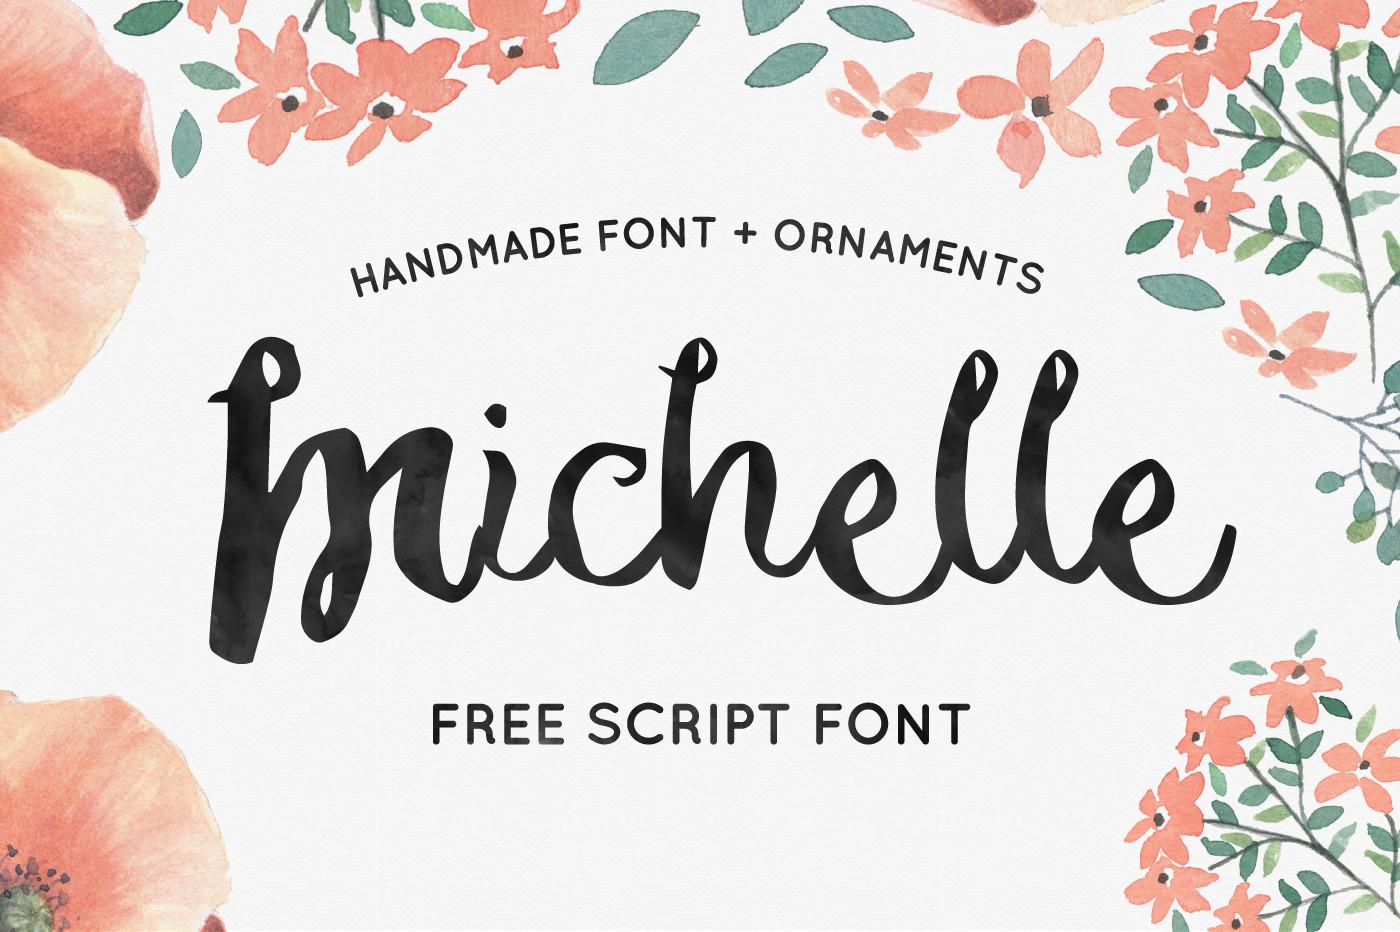 michelle free script font